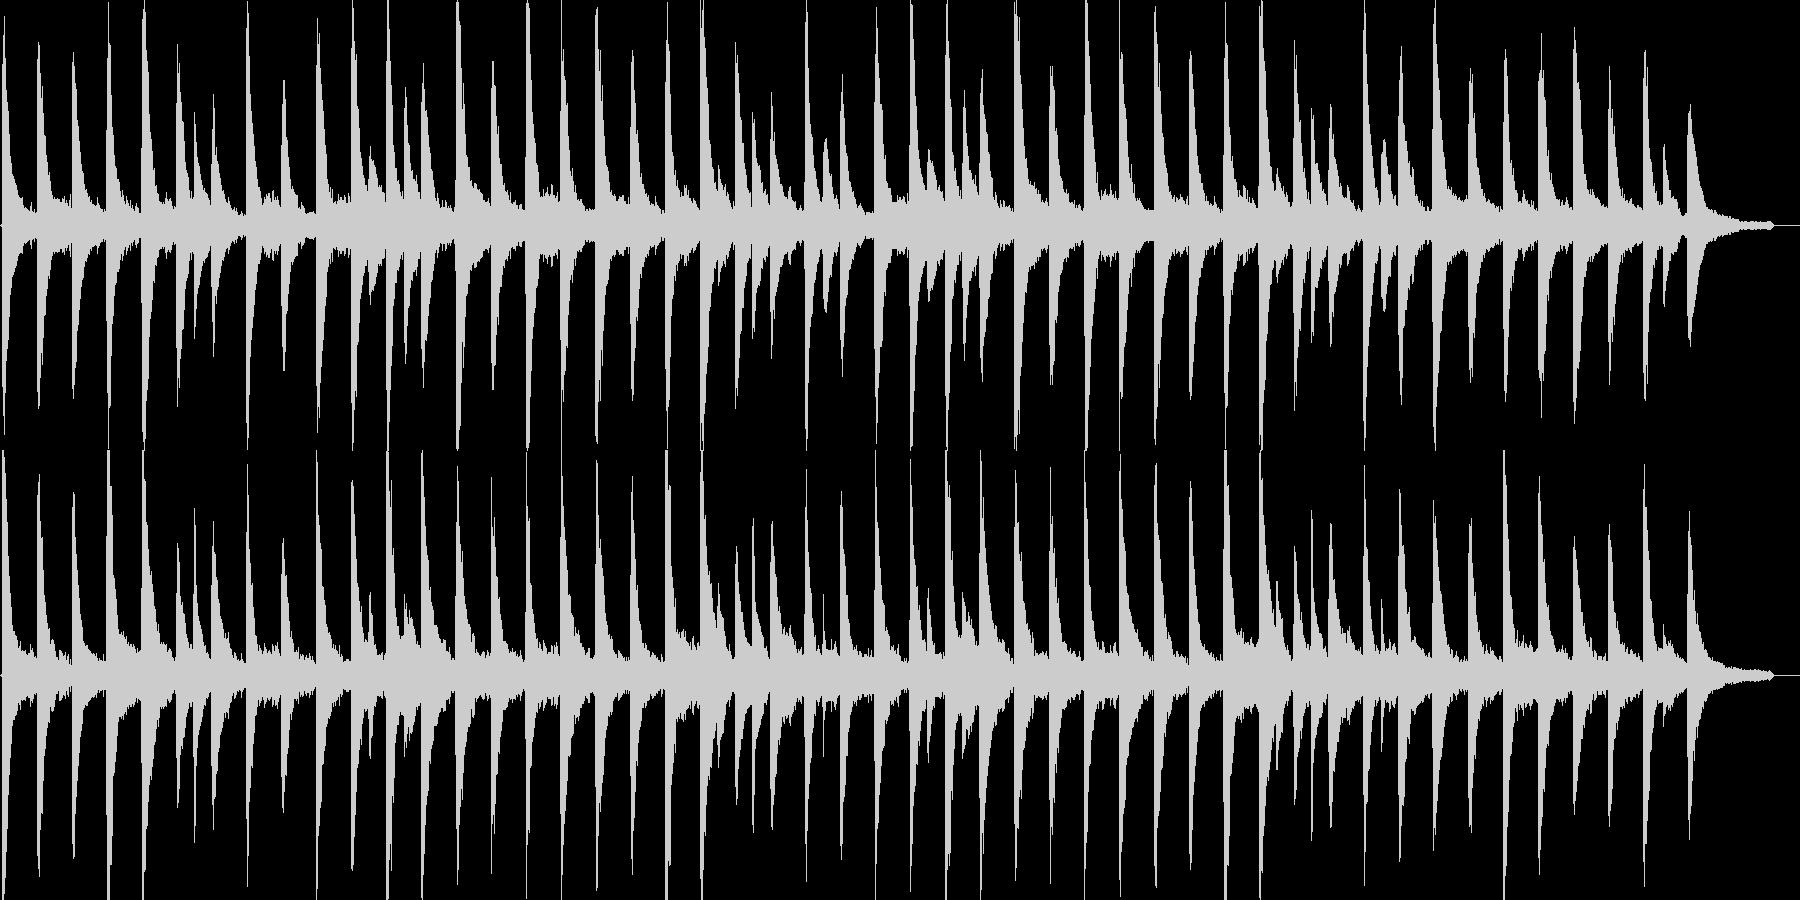 幻想的・優しい・ジャズ・映像・イベント用の未再生の波形